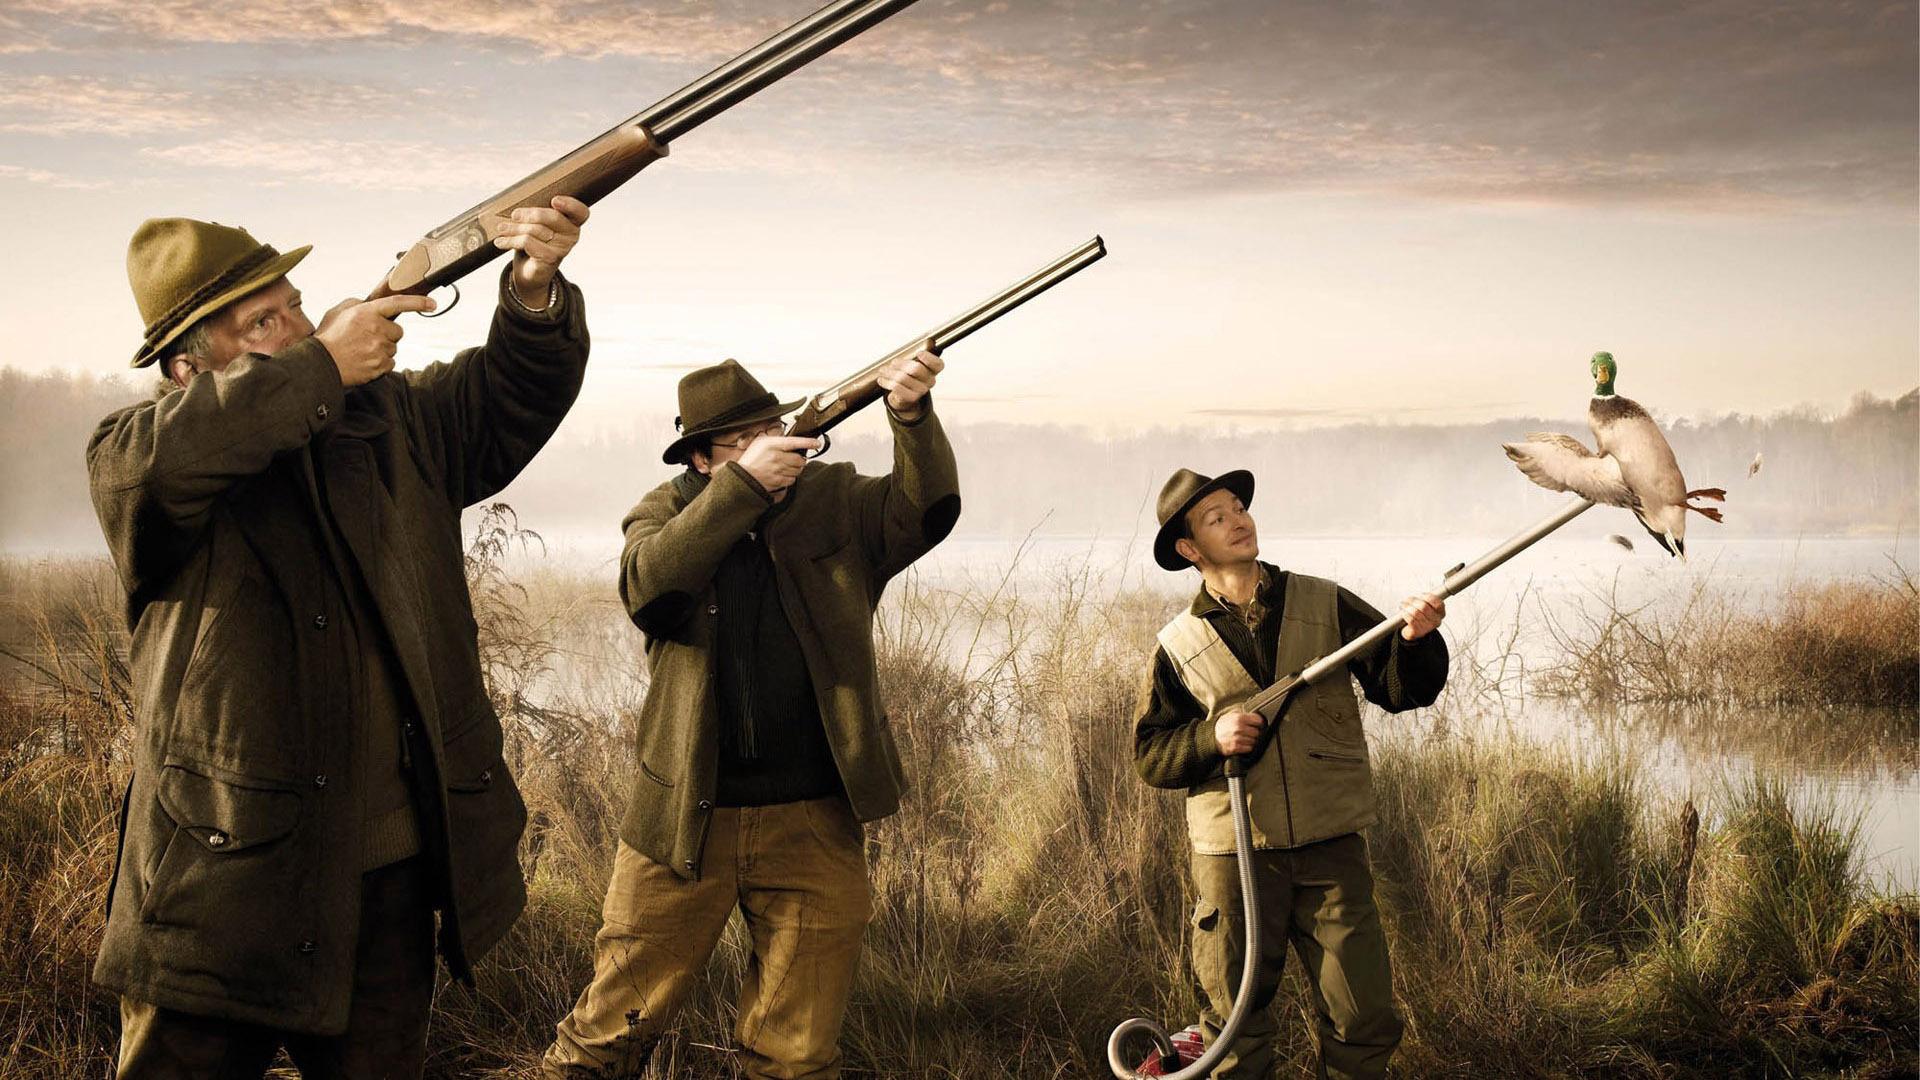 Ружье картинка прикольная, каратистов смешные